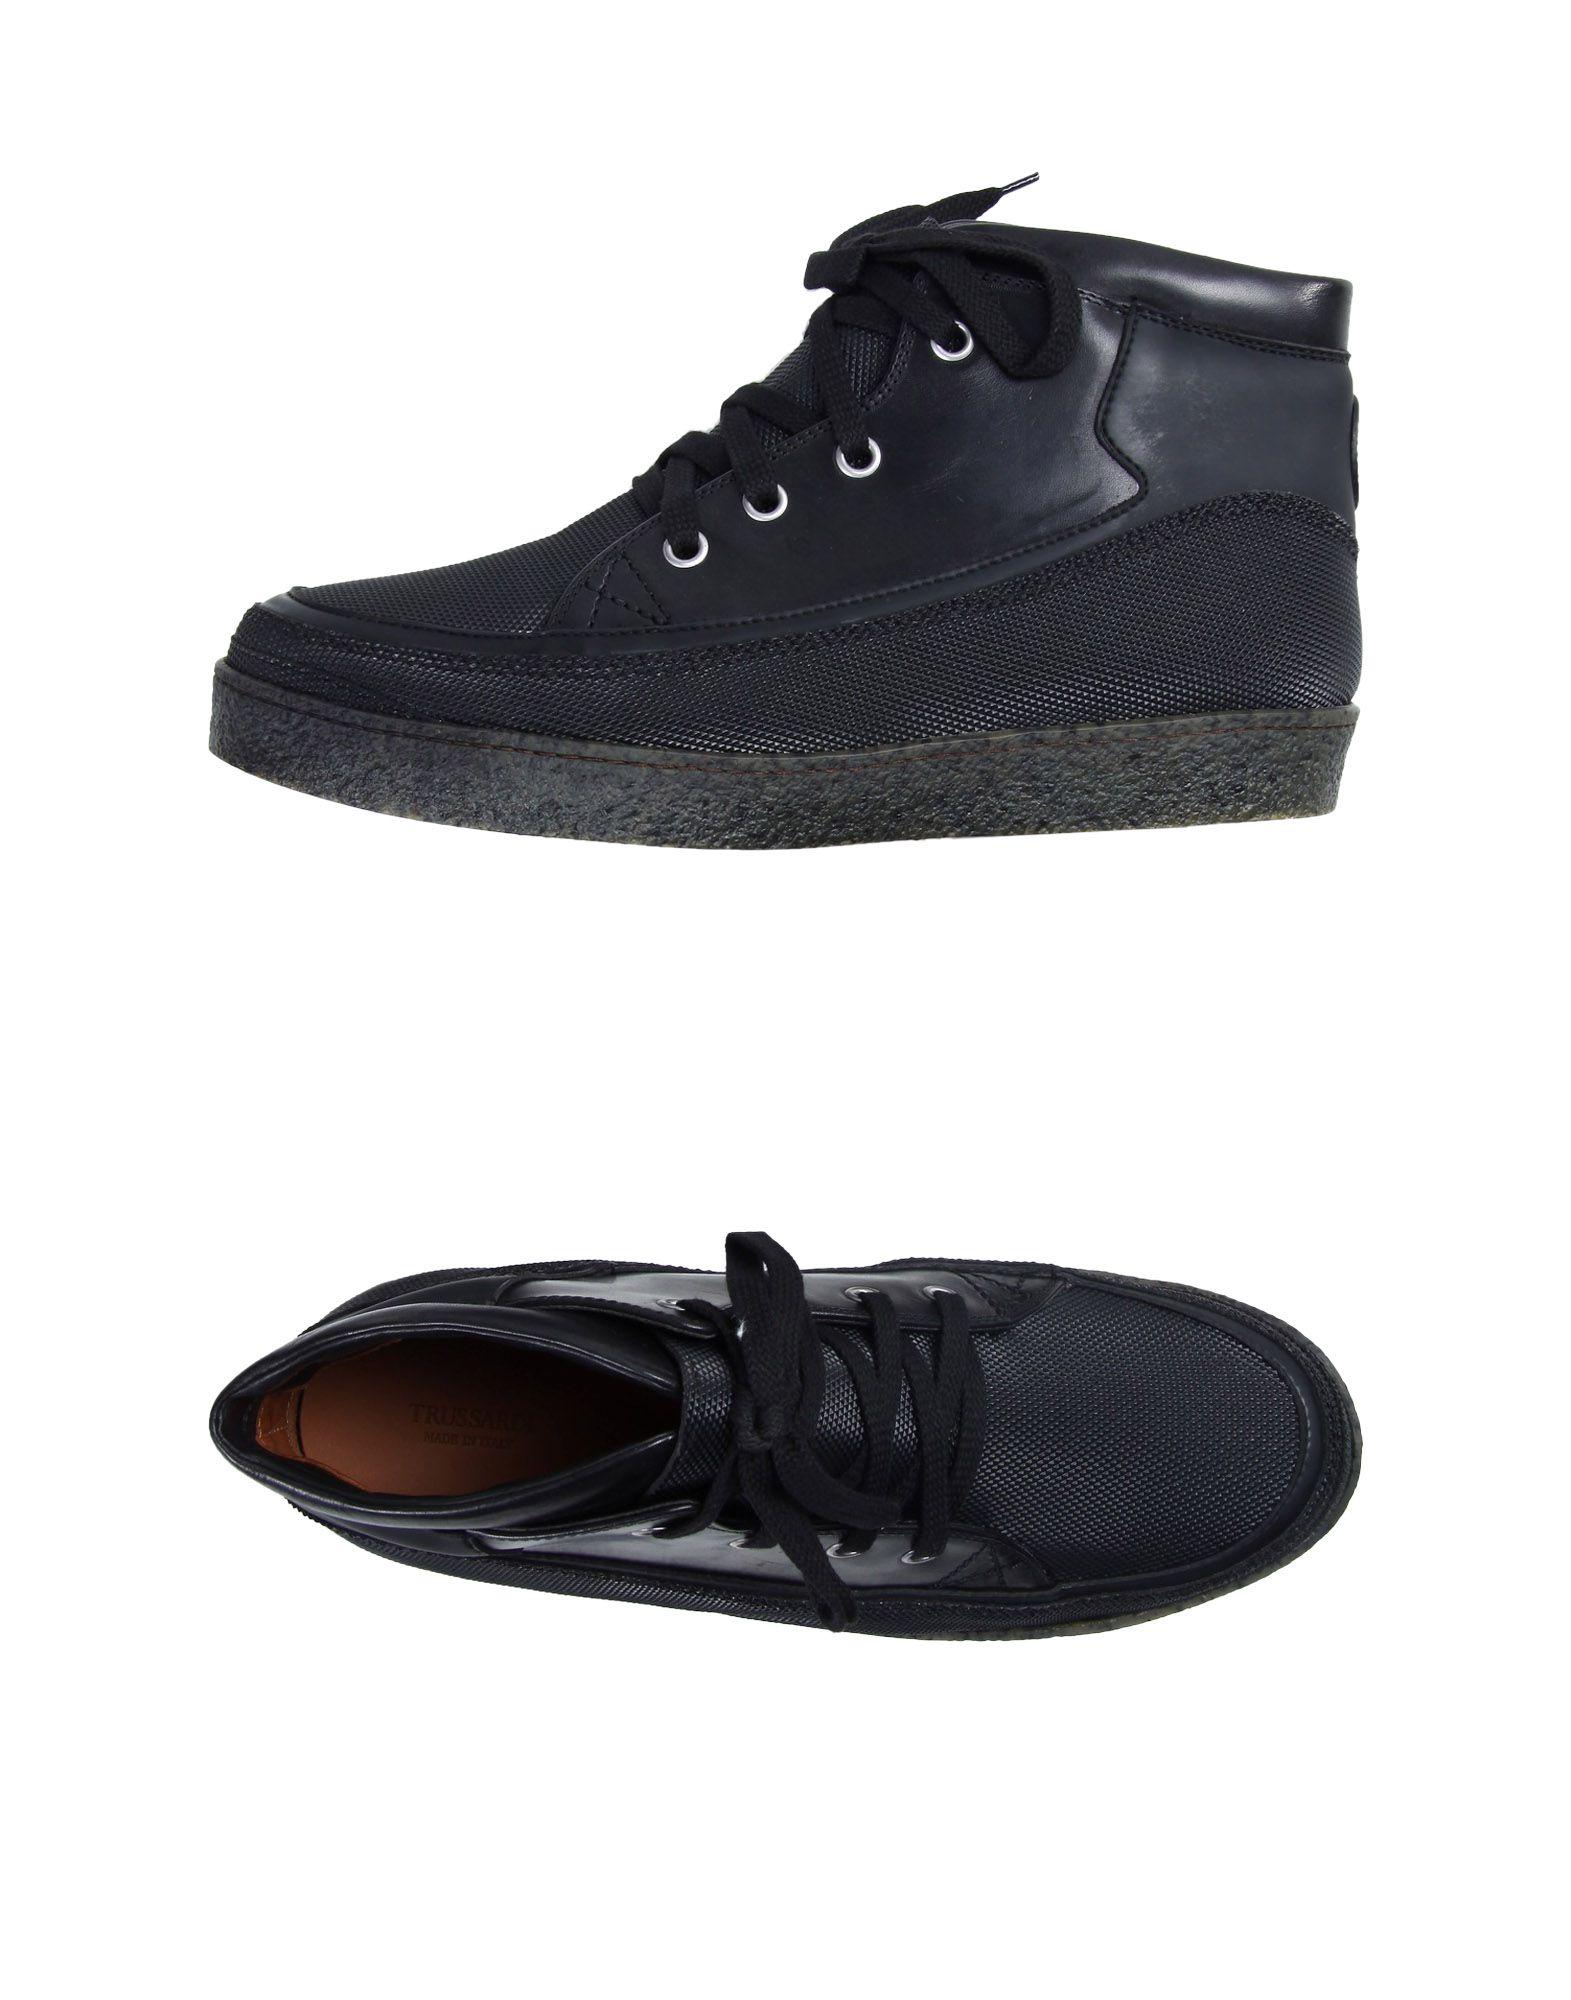 Trussardi Sneakers Herren  Schuhe 44907170LS Heiße Schuhe  d1ae6a